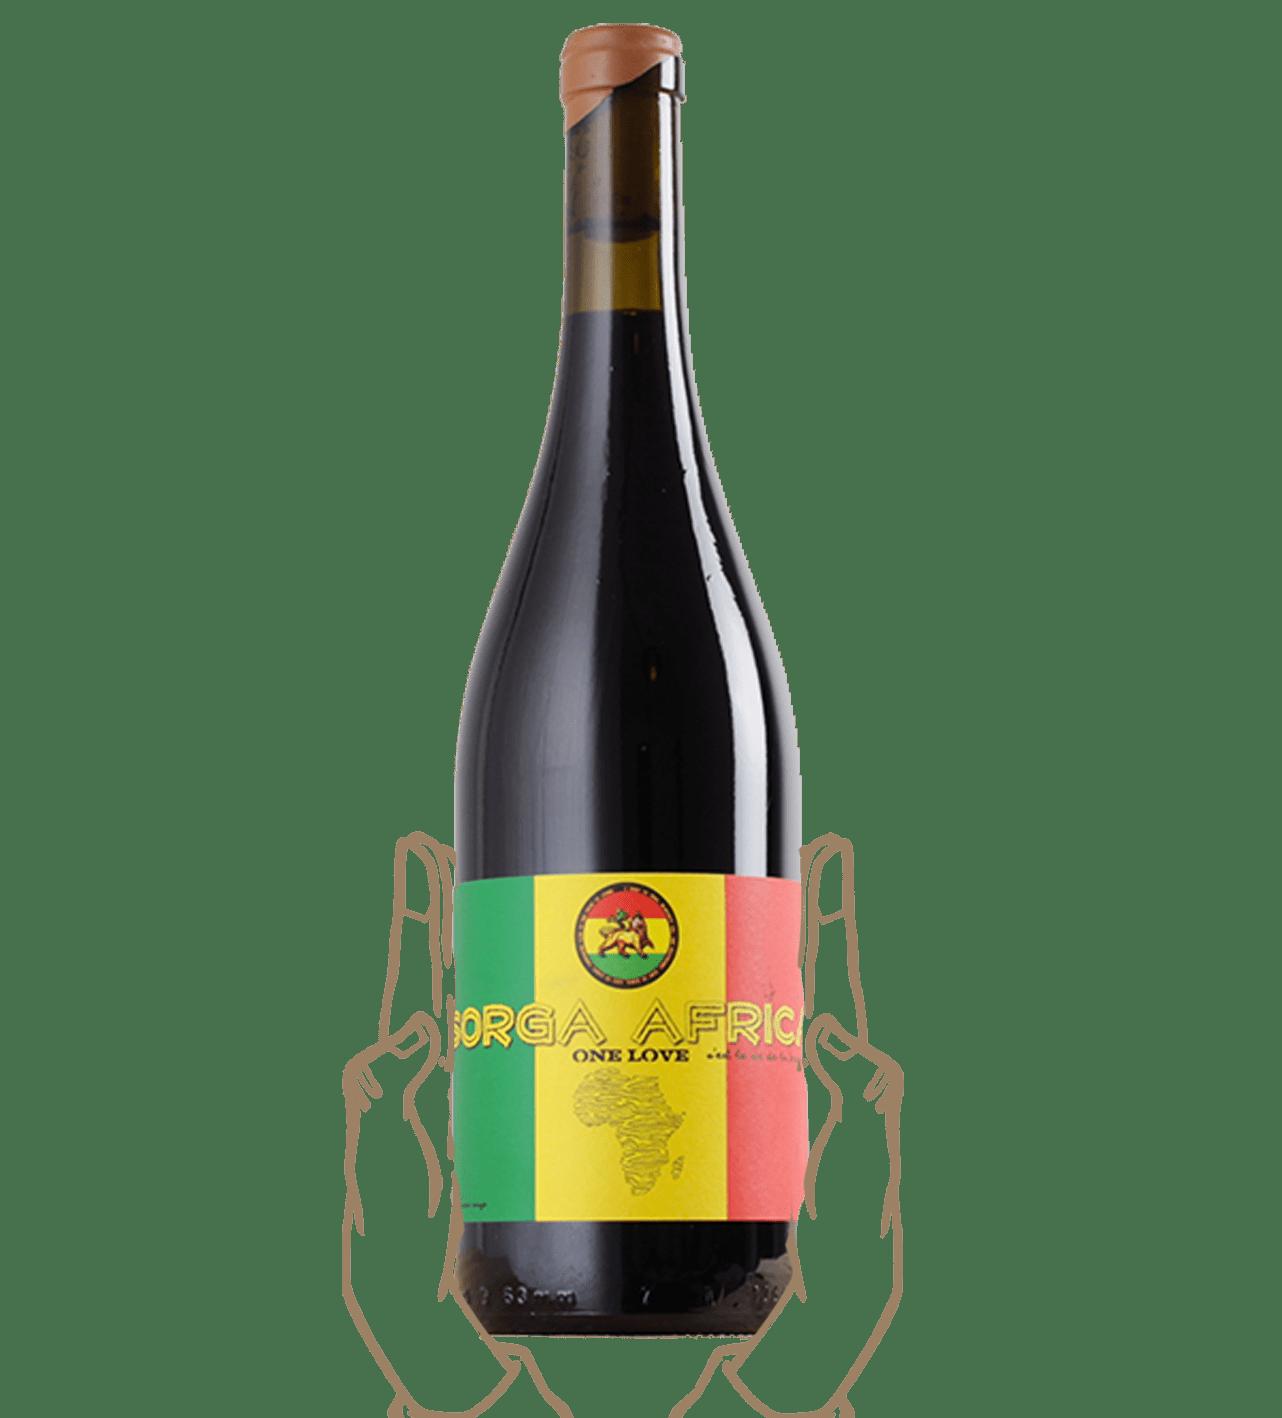 Sorga africa est un vin naturel sans sulfite ajouté du languedoc